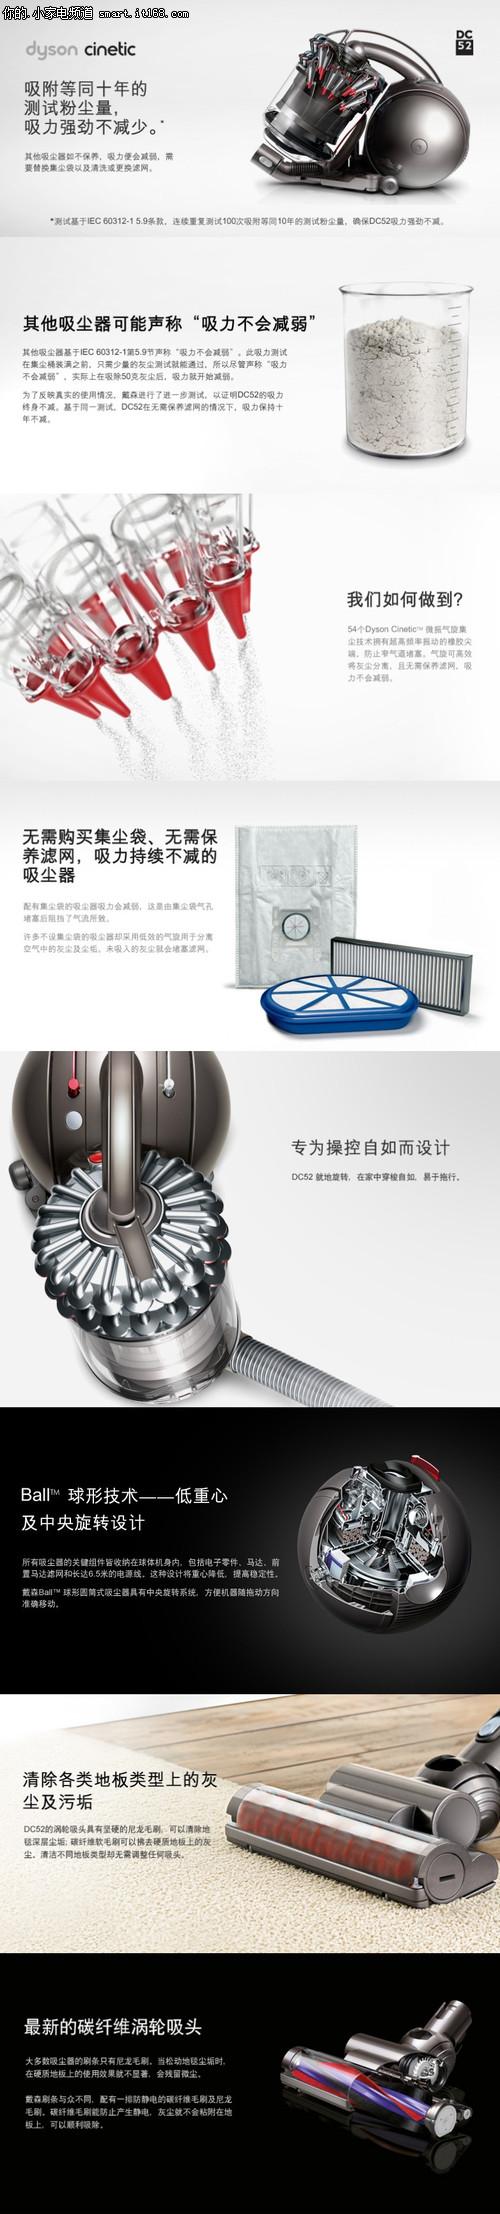 戴森DC52 Turbinehead吸尘器免费试用